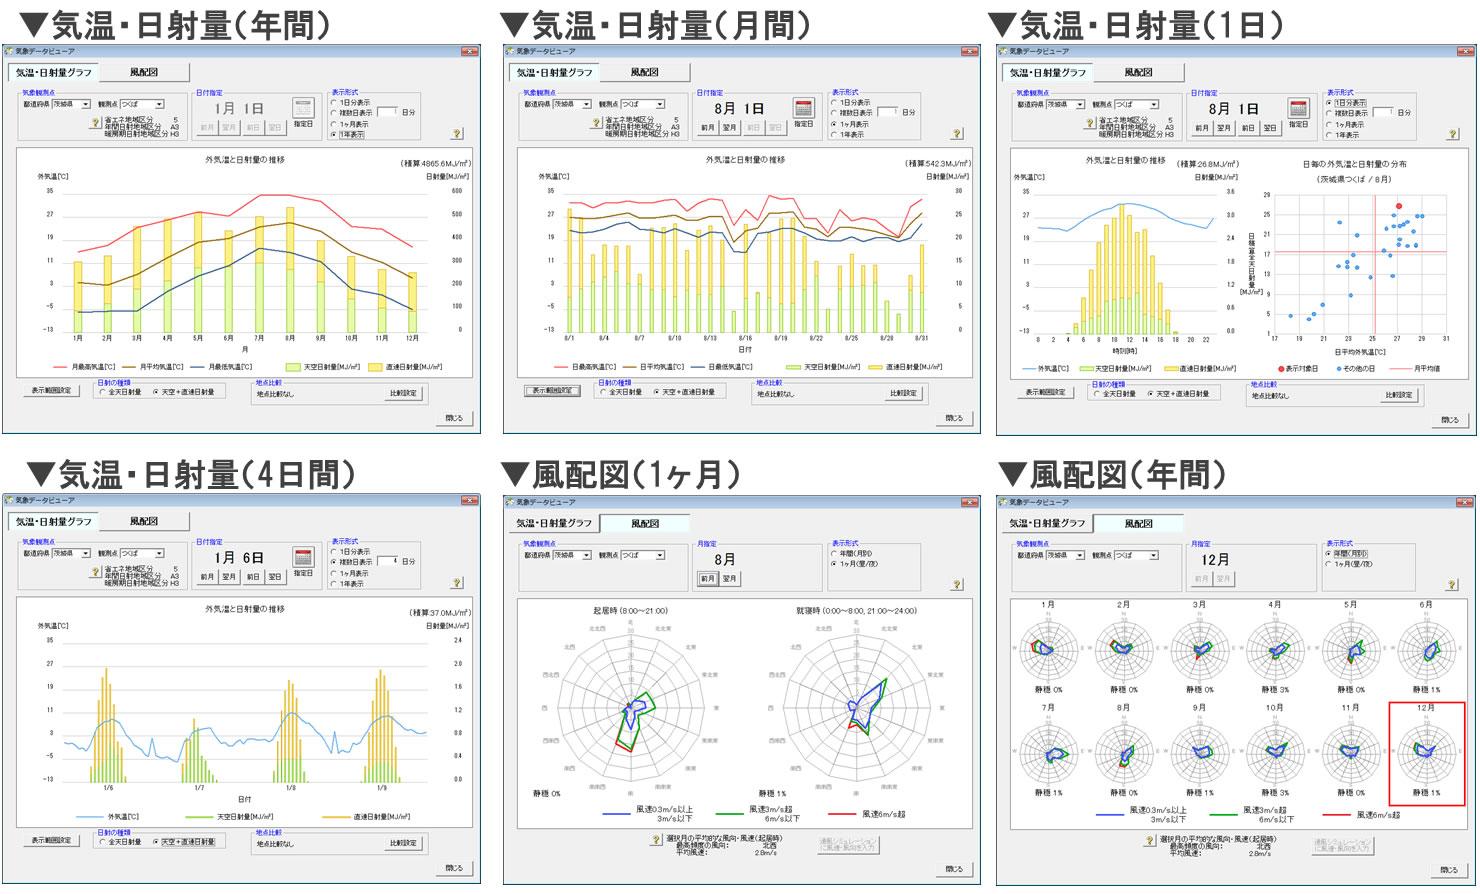 気象データビューア